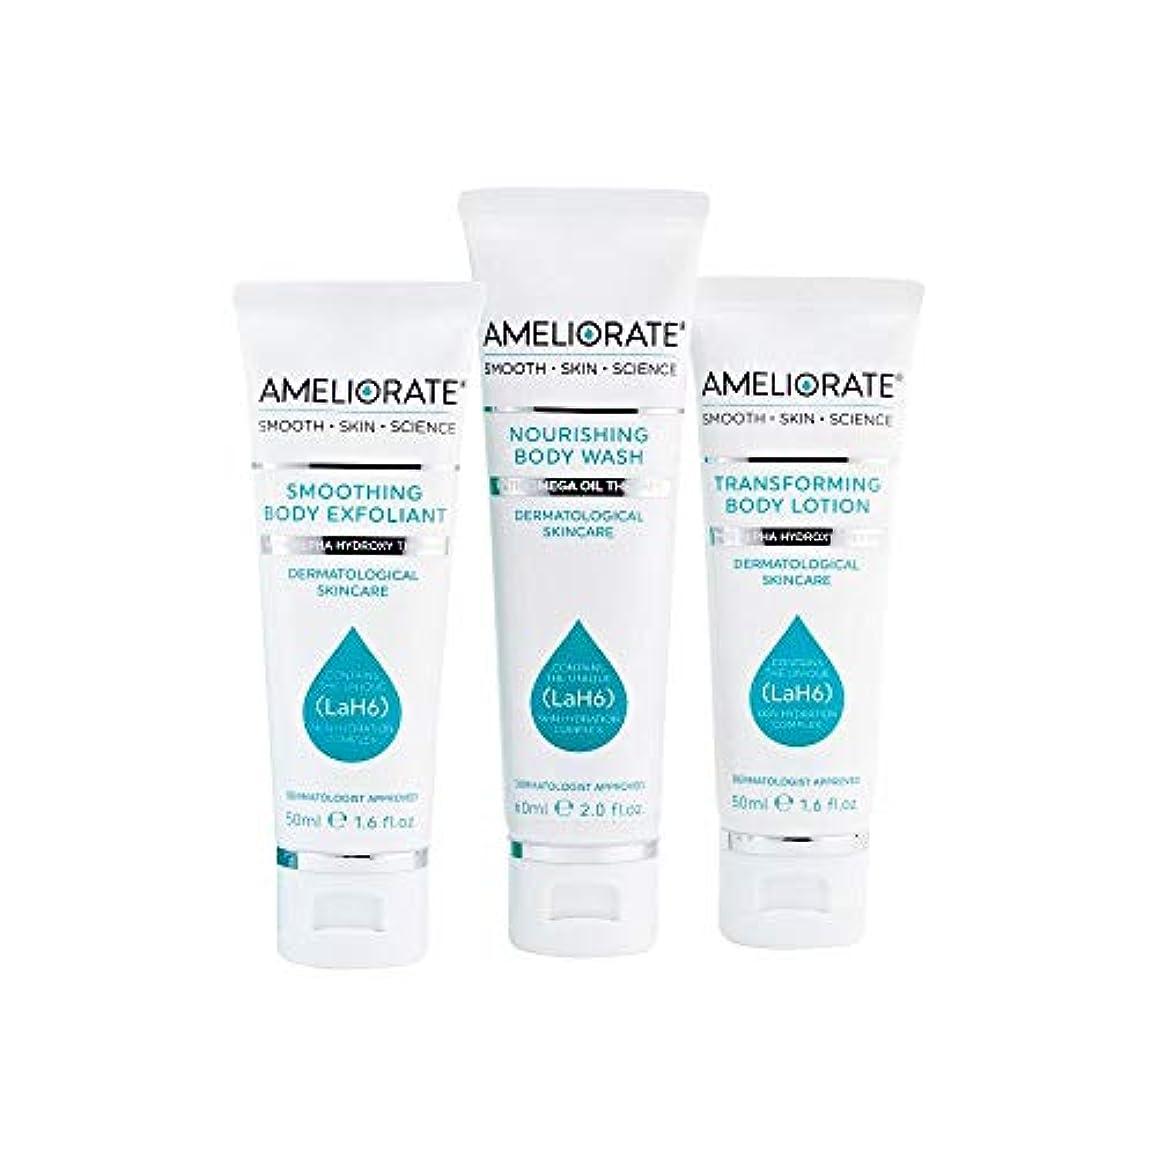 学ぶ触手しかし[Ameliorate] 皮膚キットを滑らかにする3つのステップを改善 - Ameliorate 3 Steps to Smooth Skin Kit [並行輸入品]